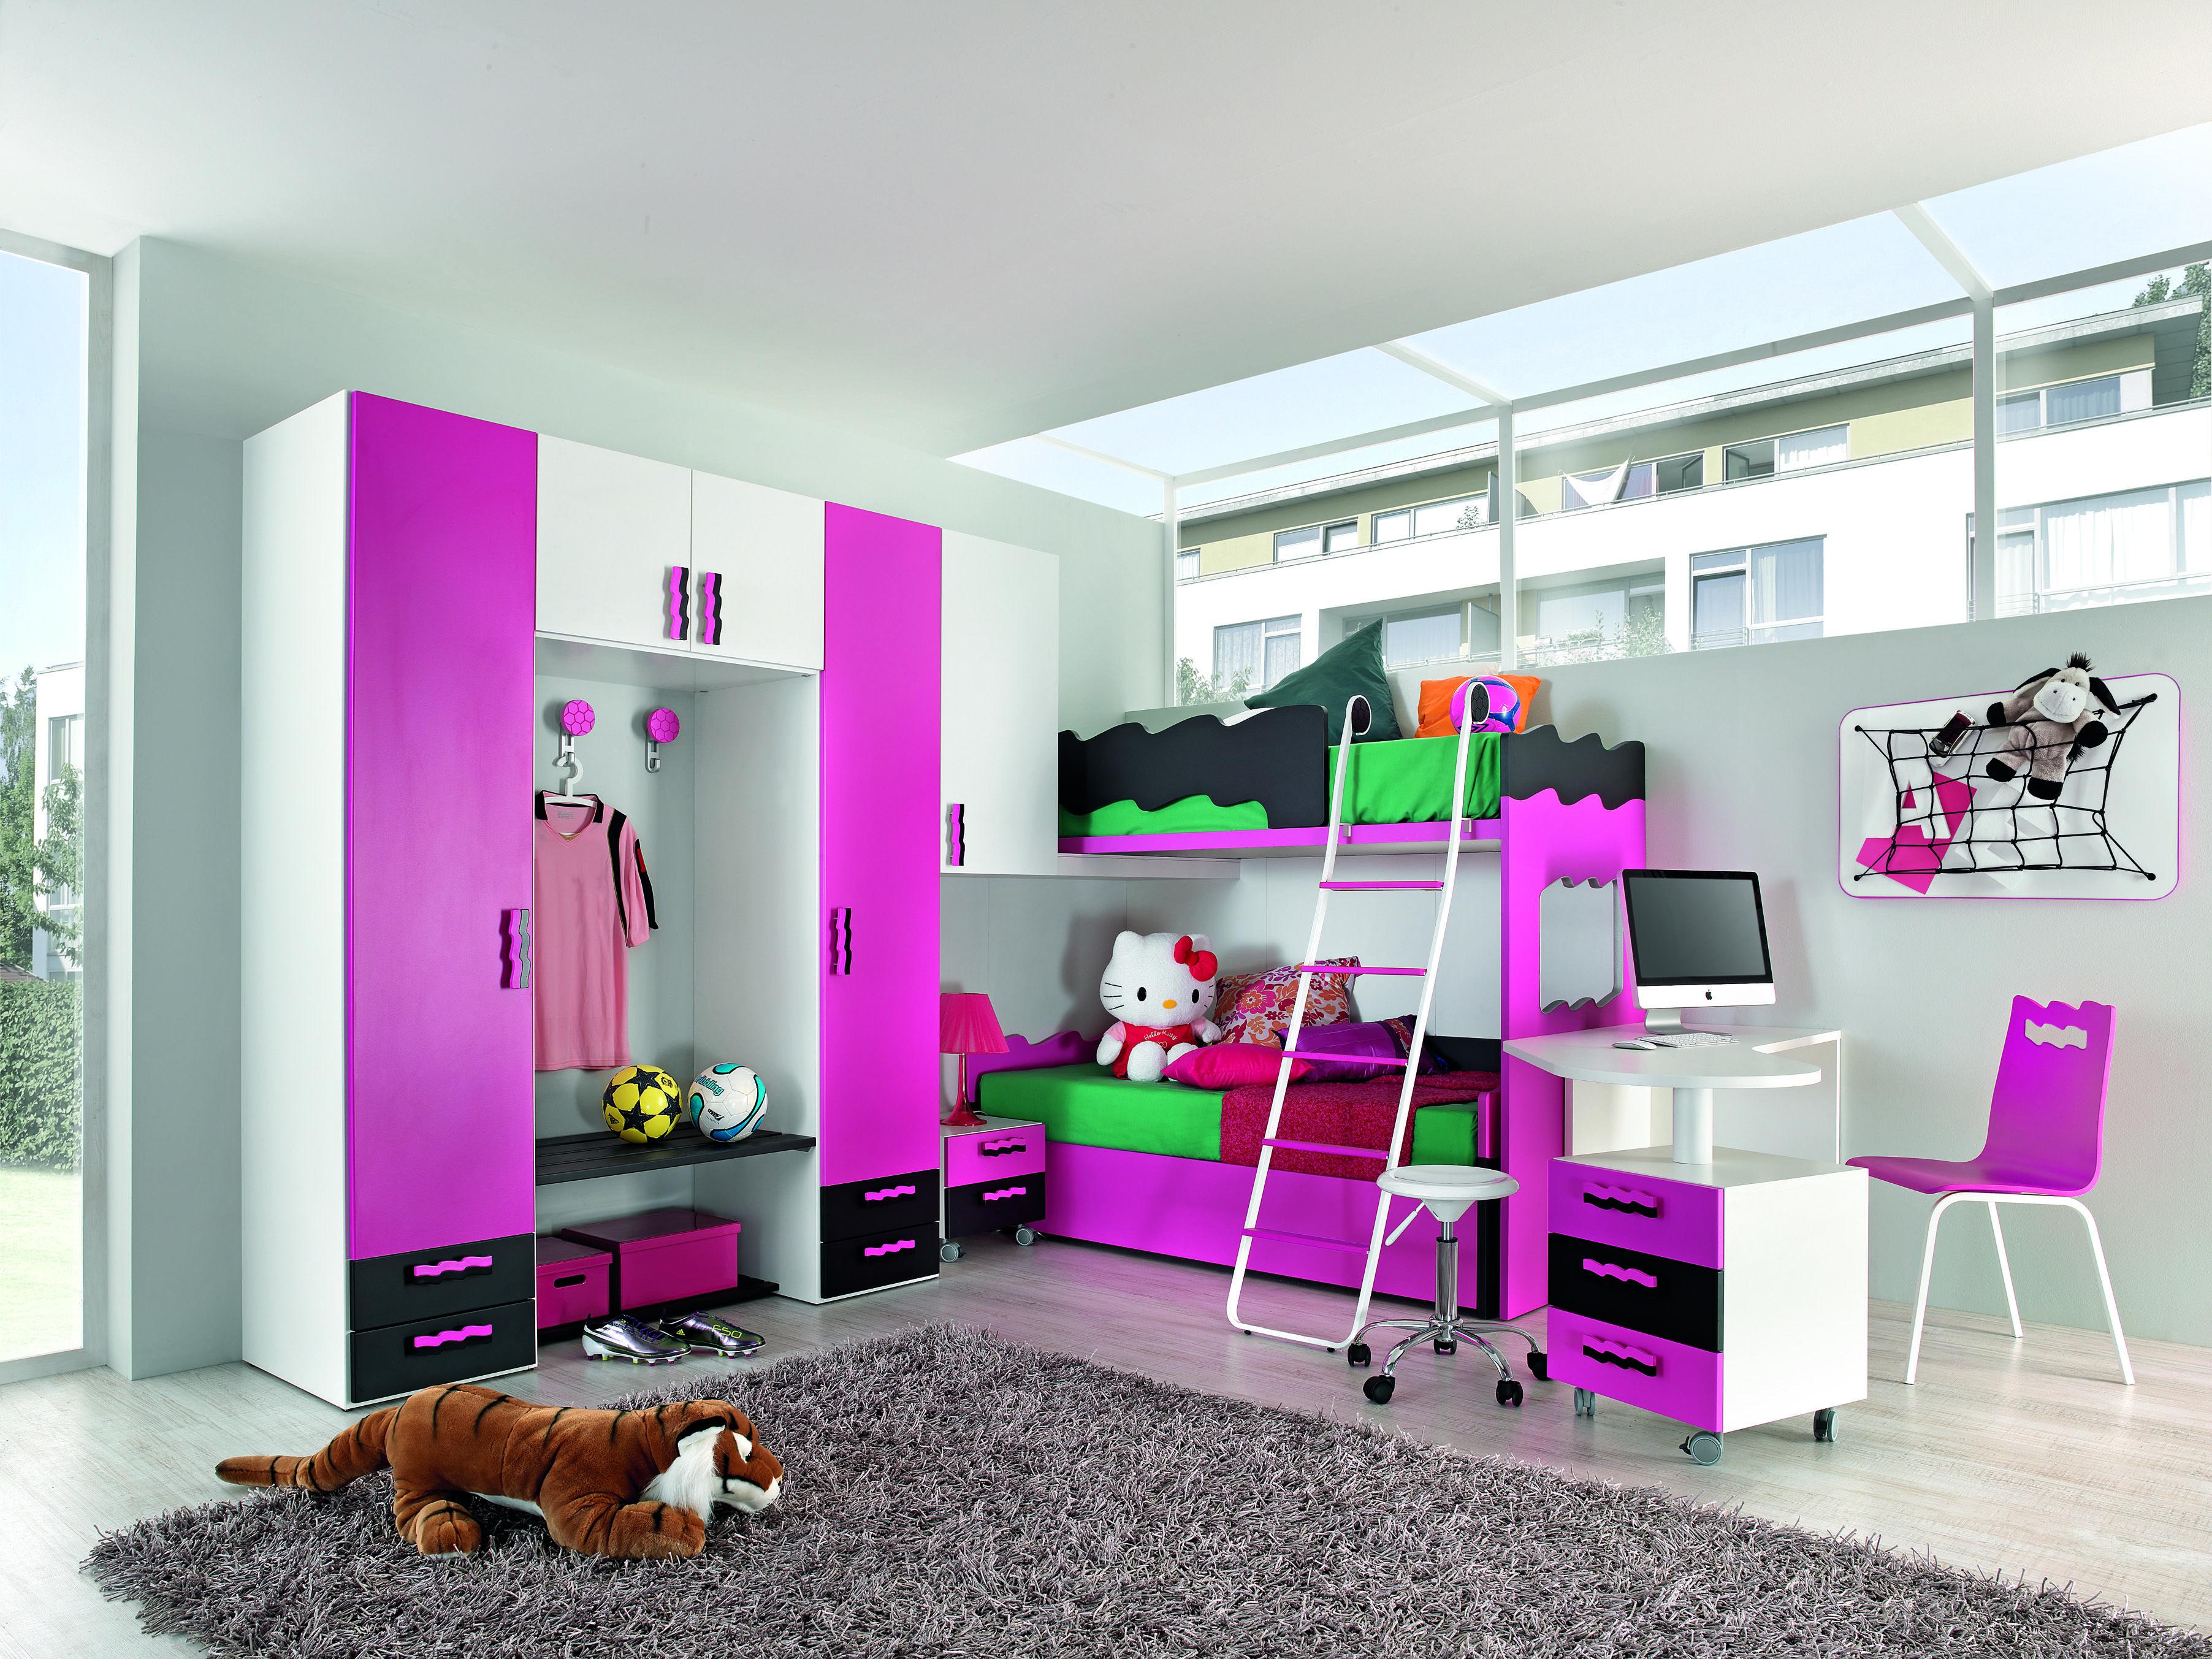 soccer | Childrens bedroom furniture, Childrens bedroom ...